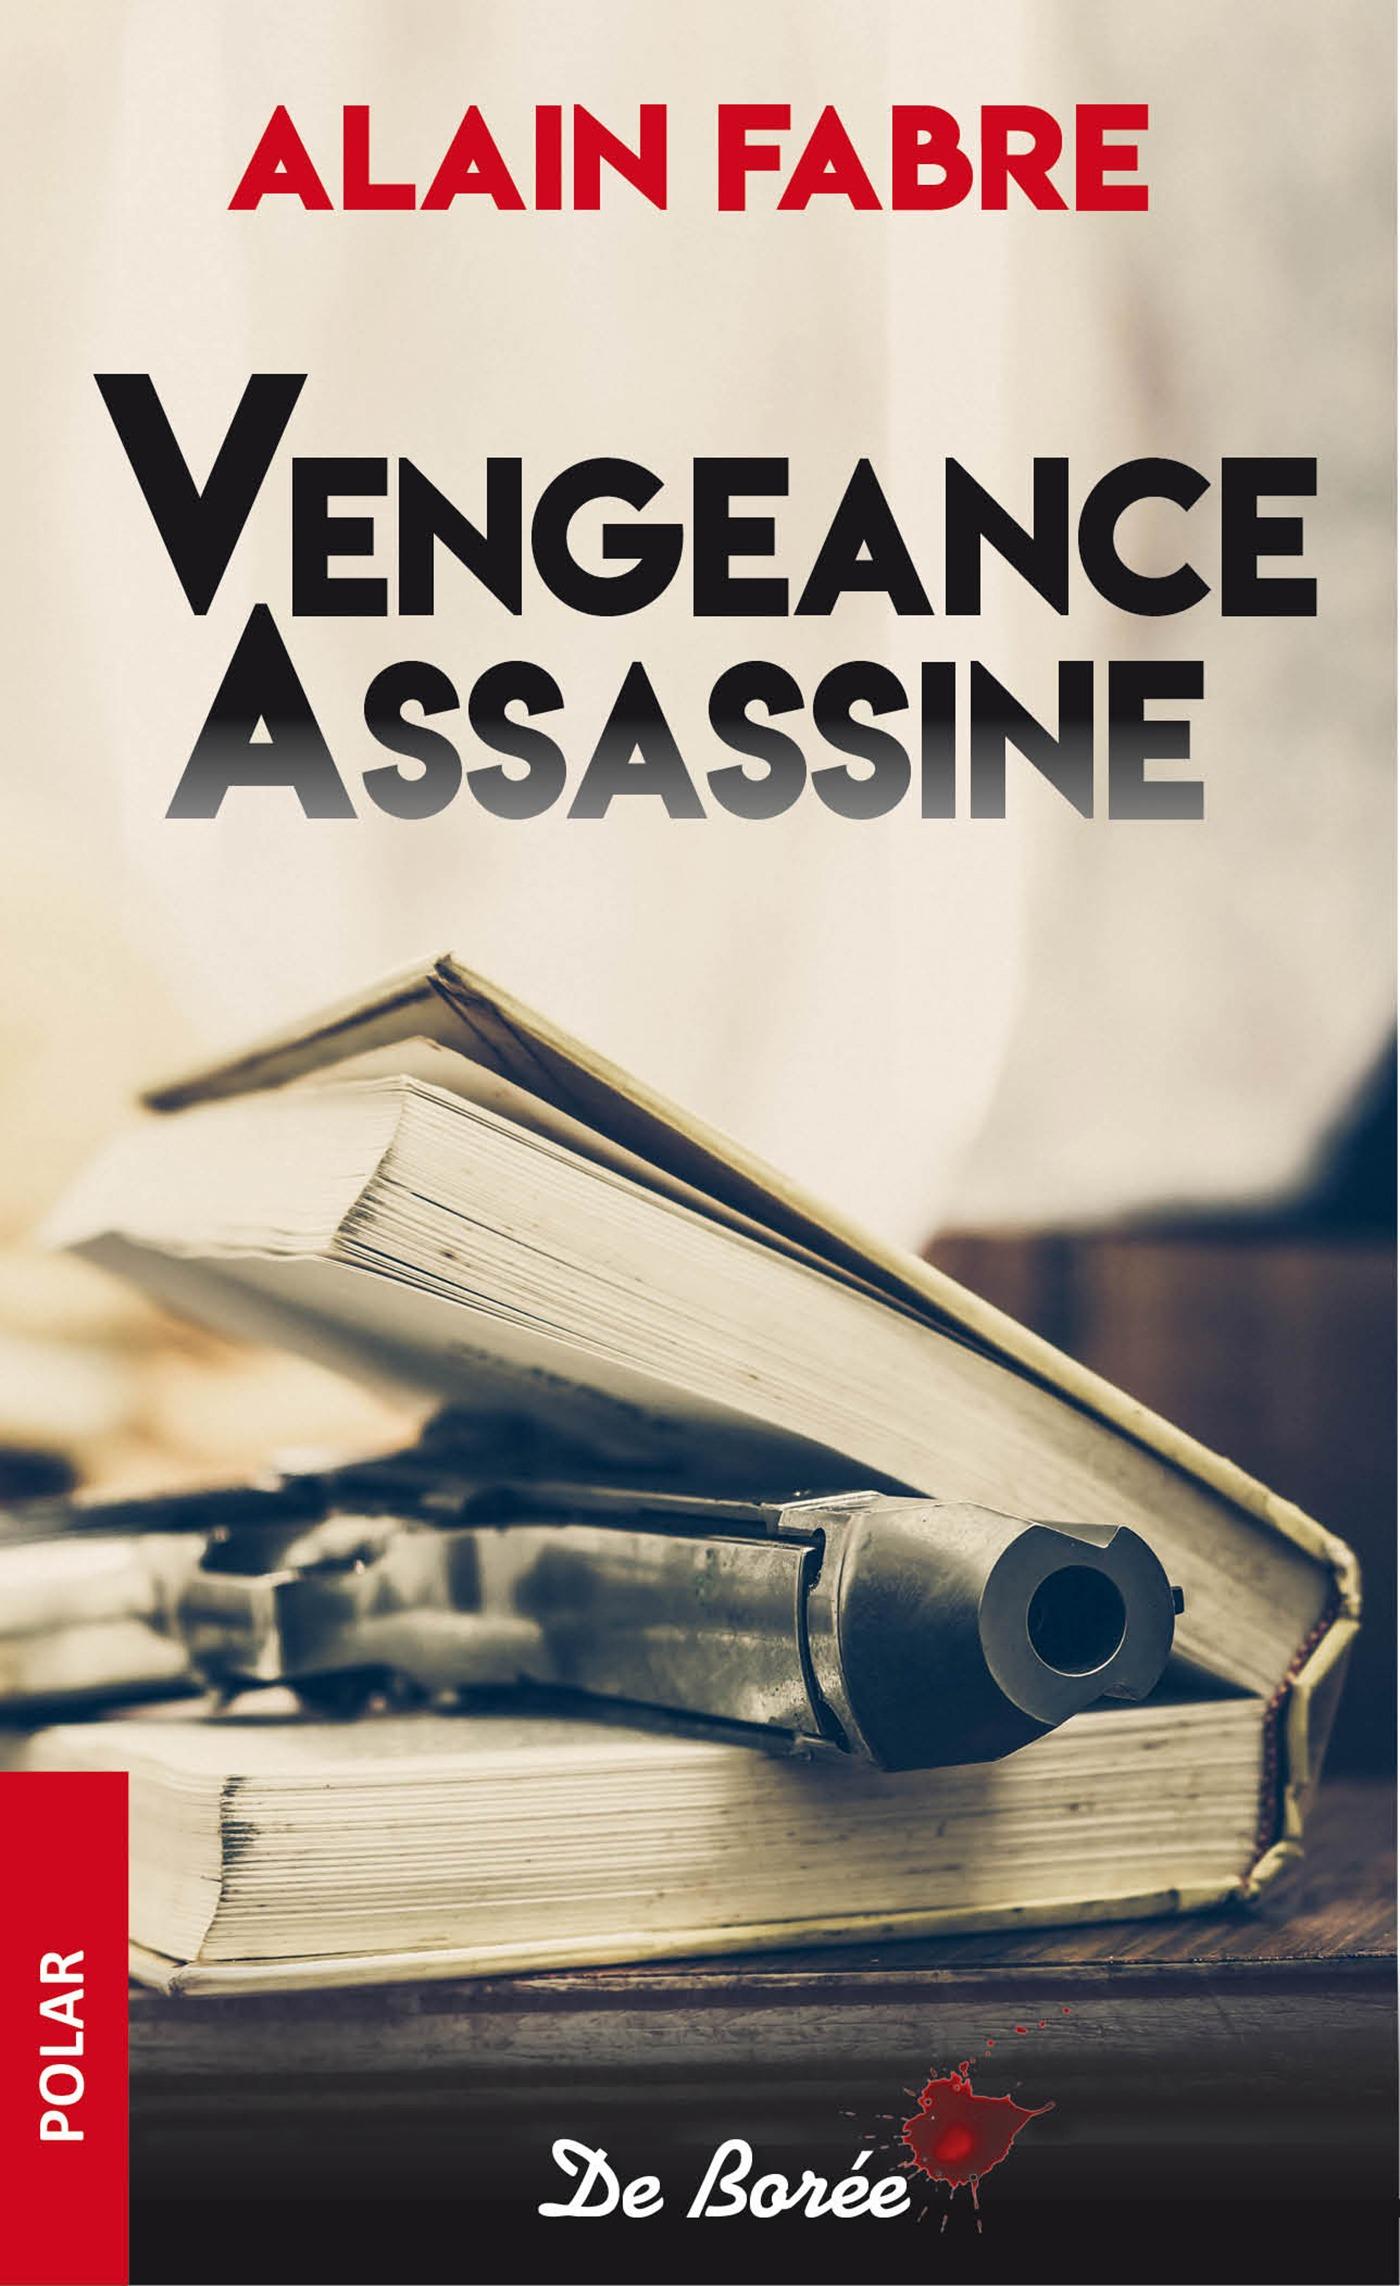 Vengeance assassine